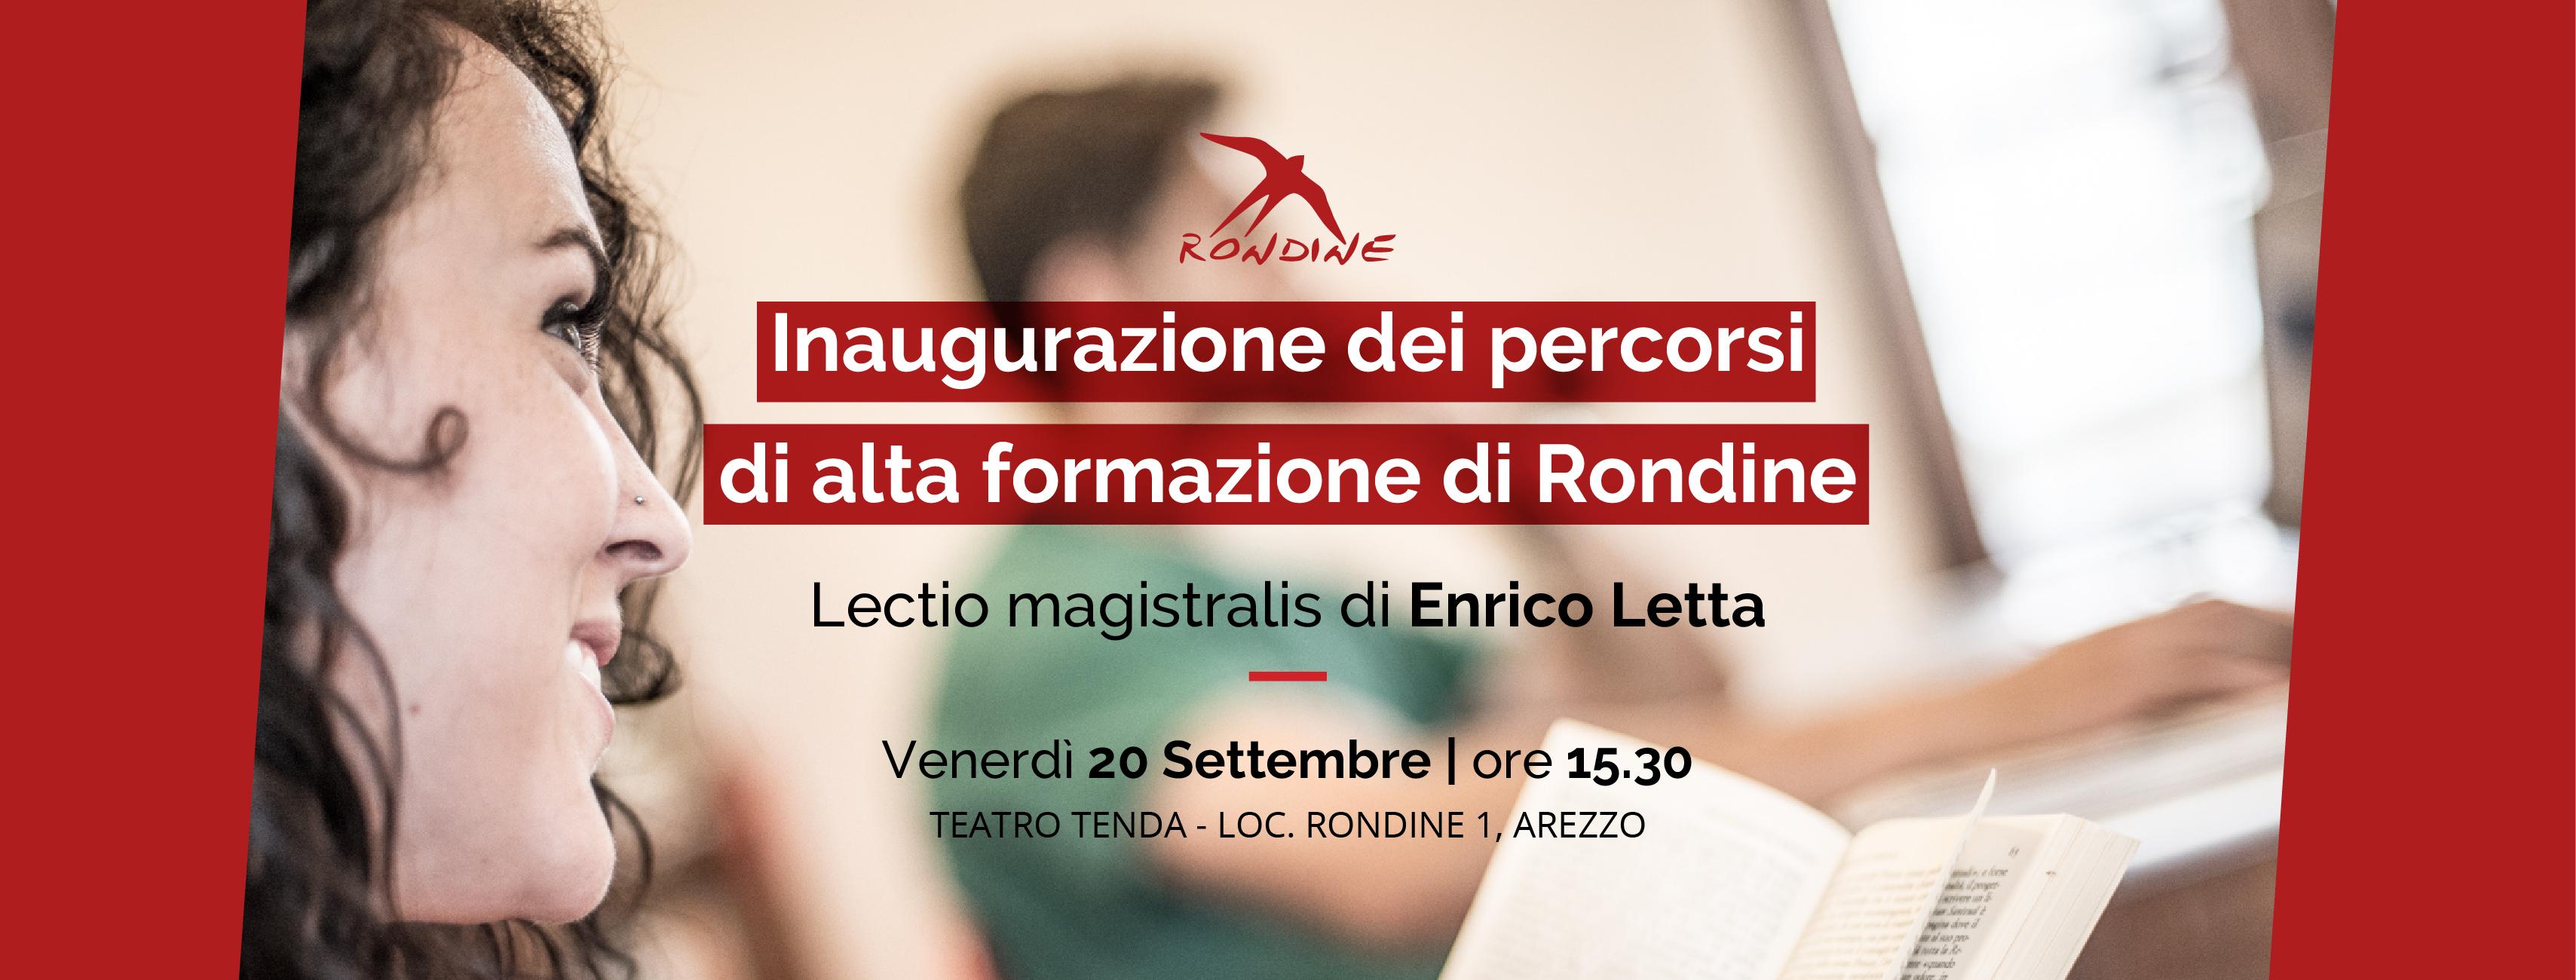 Enrico Letta inaugura i percorsi di alta formazione di Rondine